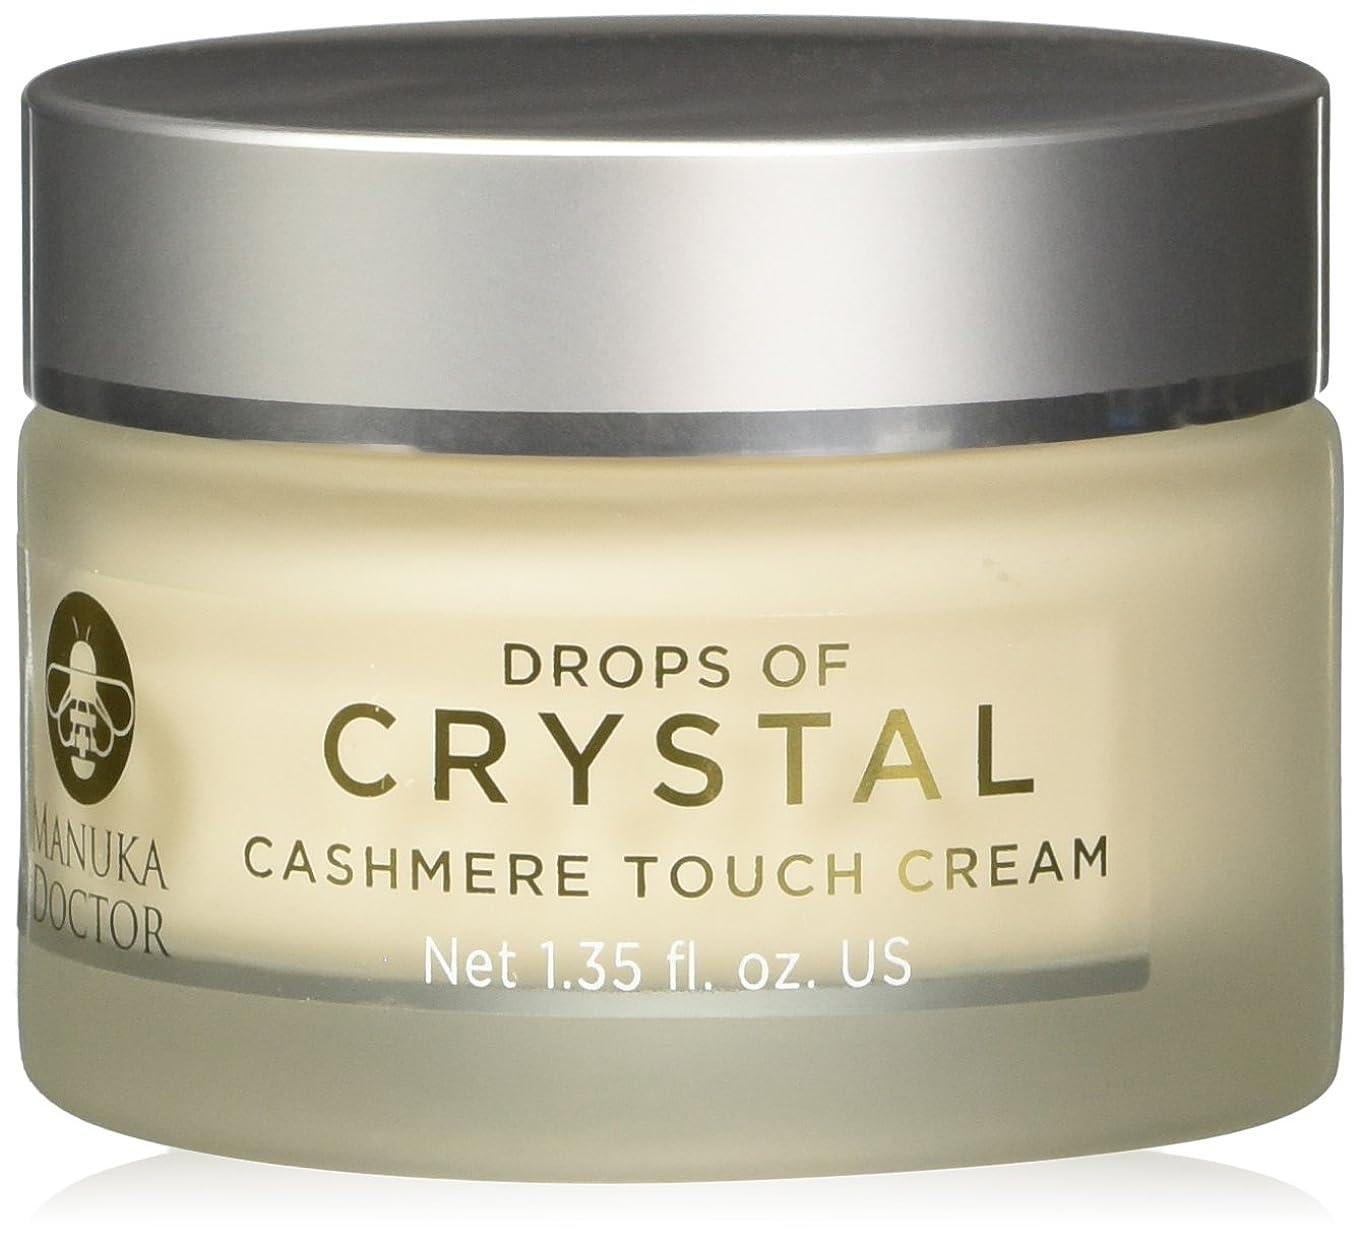 無人確立電気陽性((マヌカドクター)ドロップスオブクリスタル?カシミアタッチクリーム40ml)(DropsOfCrystal)Cashmere Touch Cream 40ml